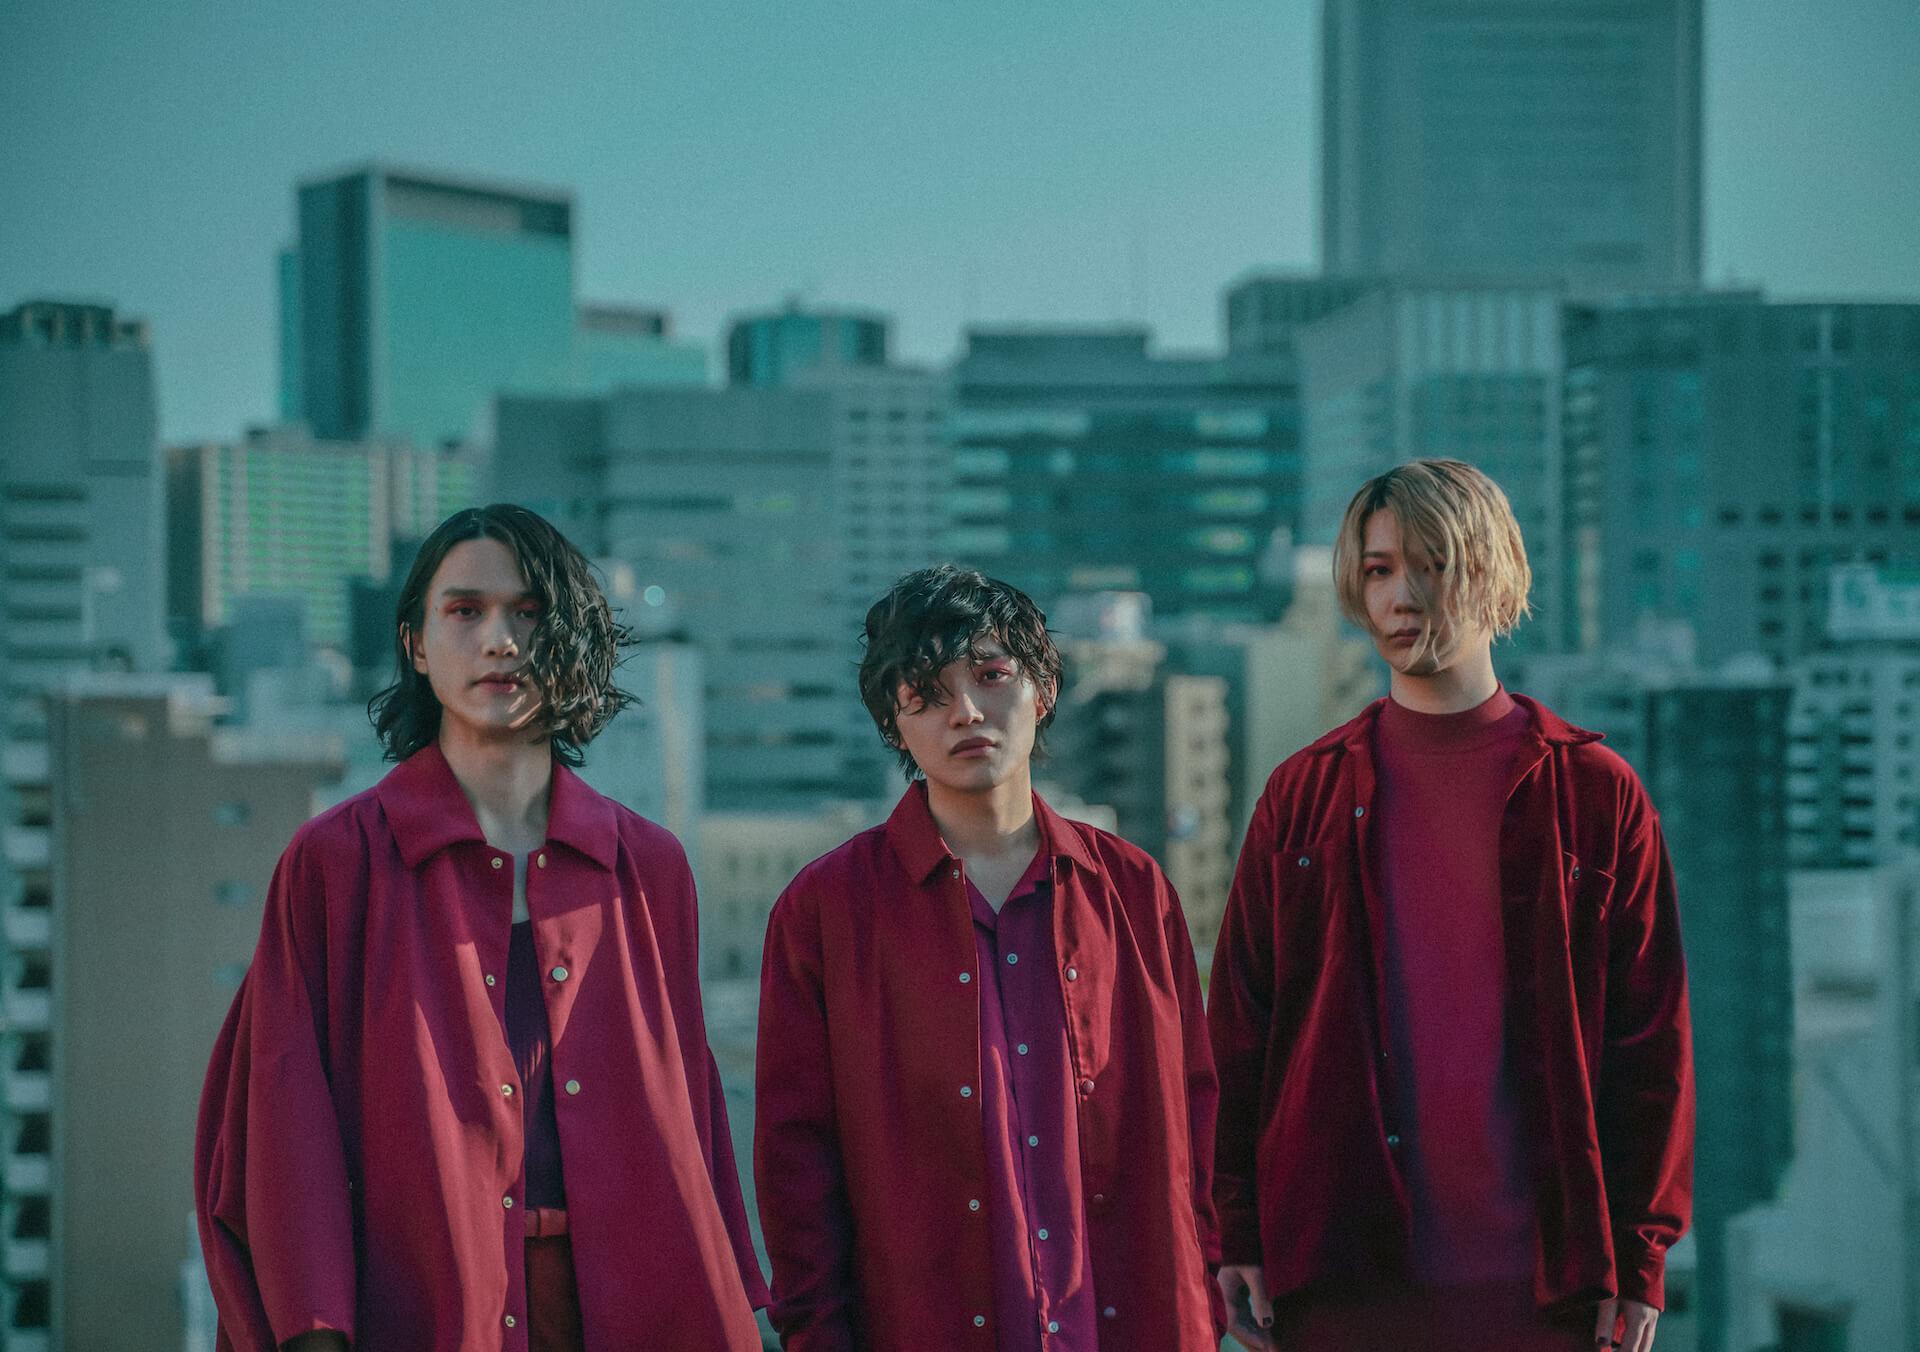 たなか(前職・ぼくのりりっくのぼうよみ)、Ichika Nito、ササノマリイによる新バンドDiosが結成。1stシングル「逃避行」が配信スタート music210331-dios-1